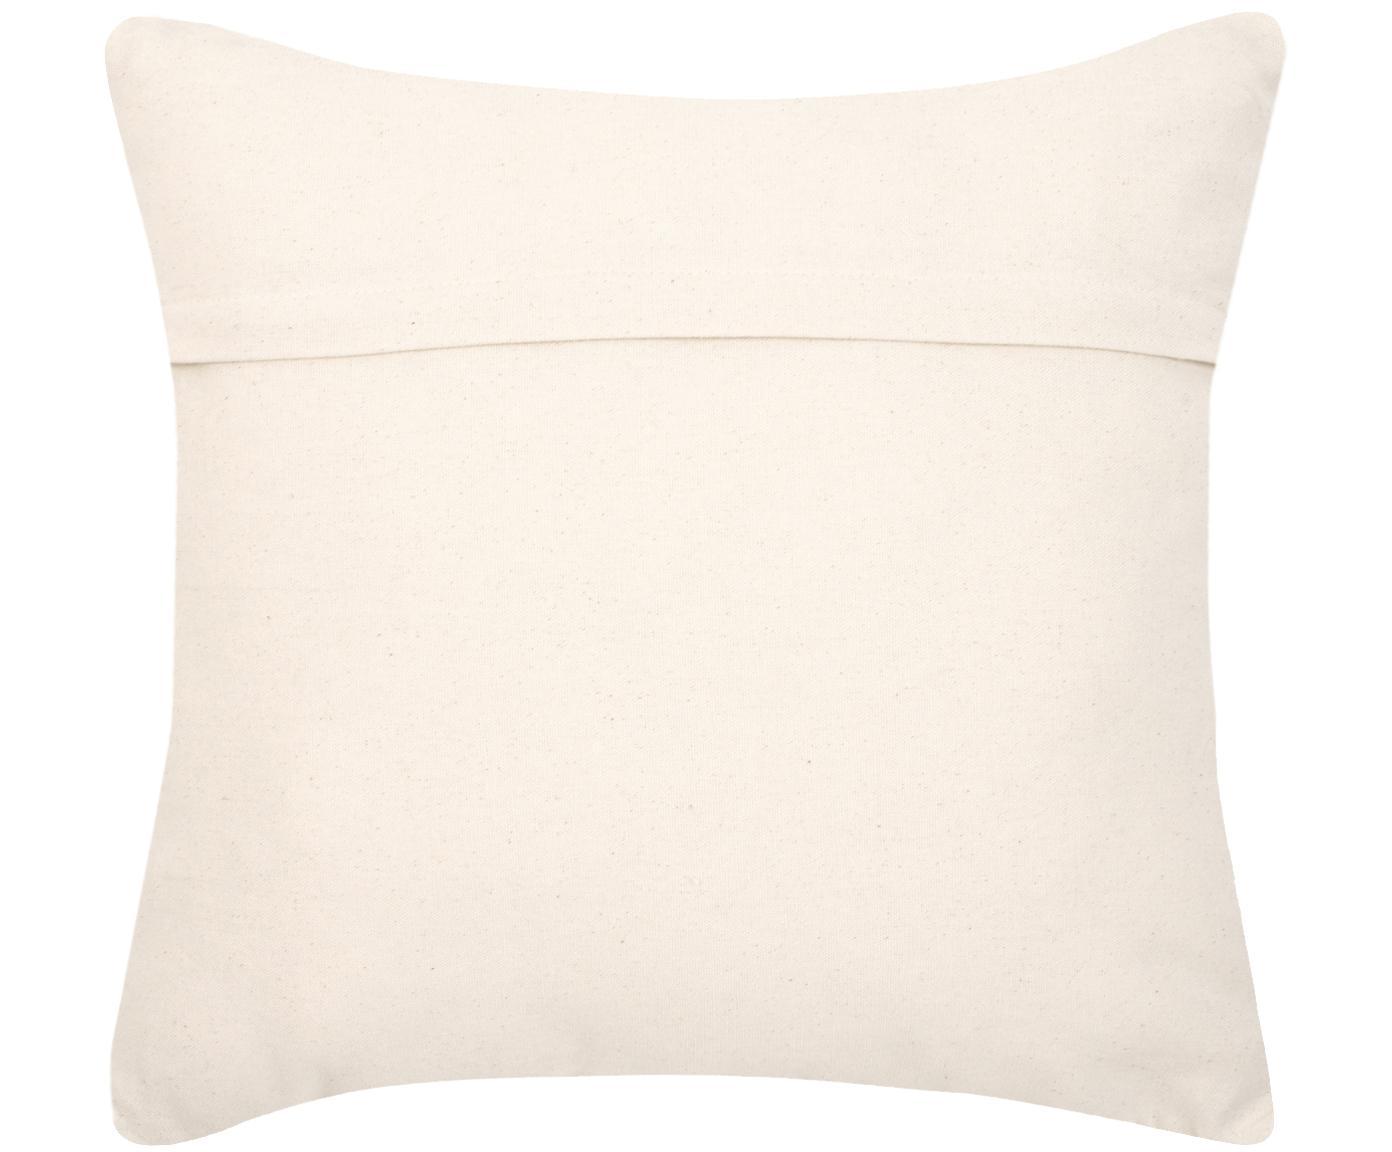 Poszewka na poduszkę Cancun, 100% bawełna, Czarny, beżowy, S 45 x D 45 cm